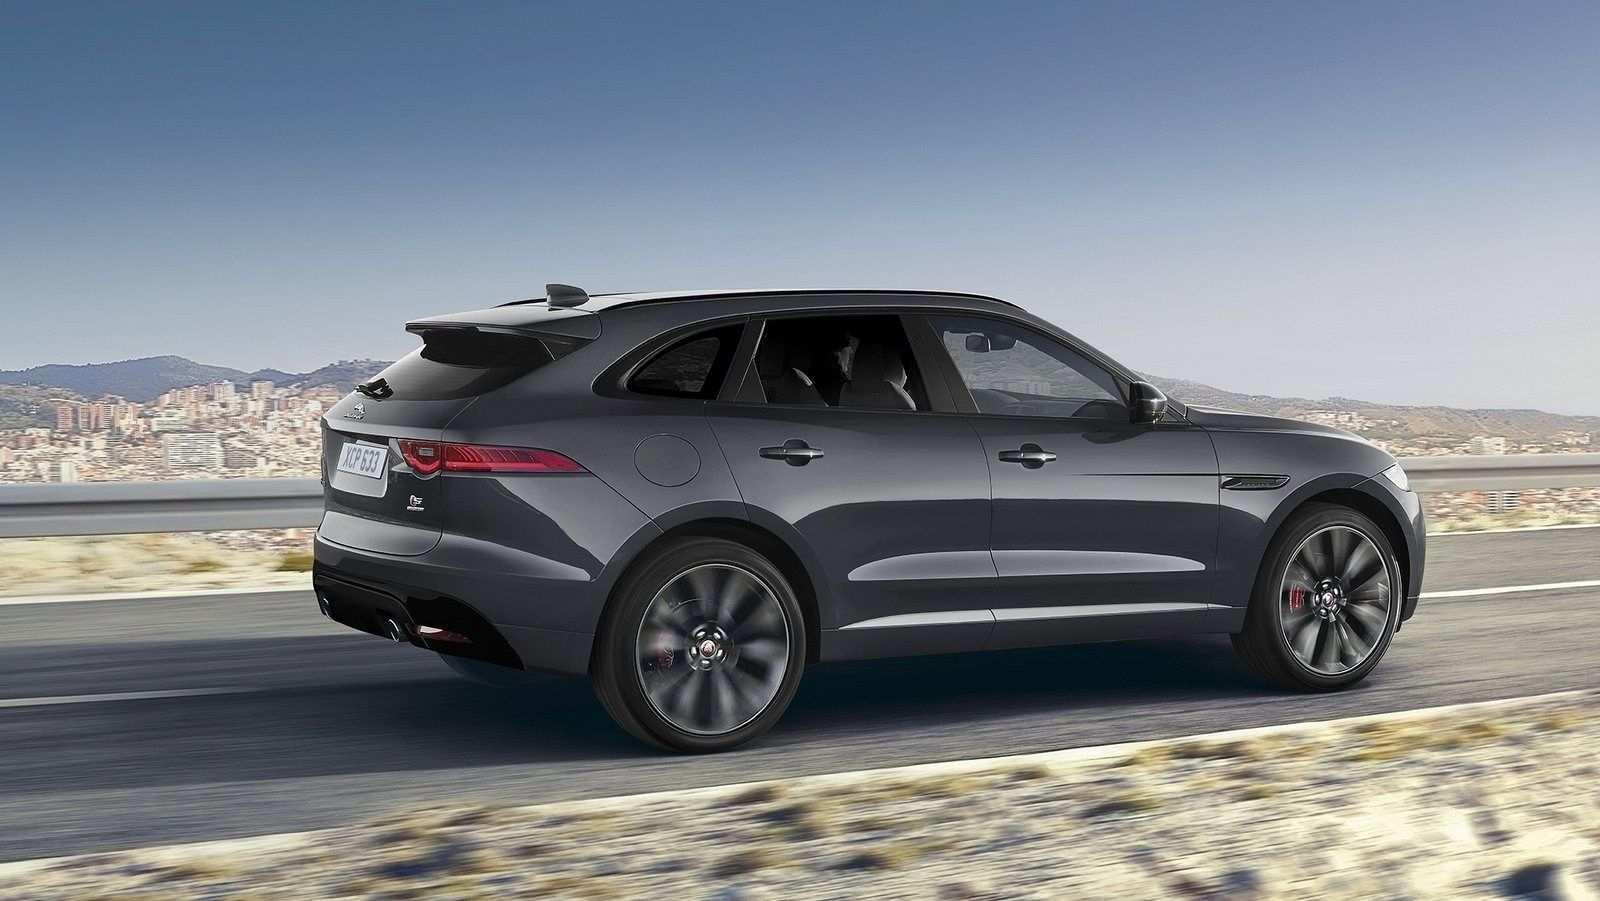 29 All New Jaguar F Pace 2020 Release with Jaguar F Pace 2020